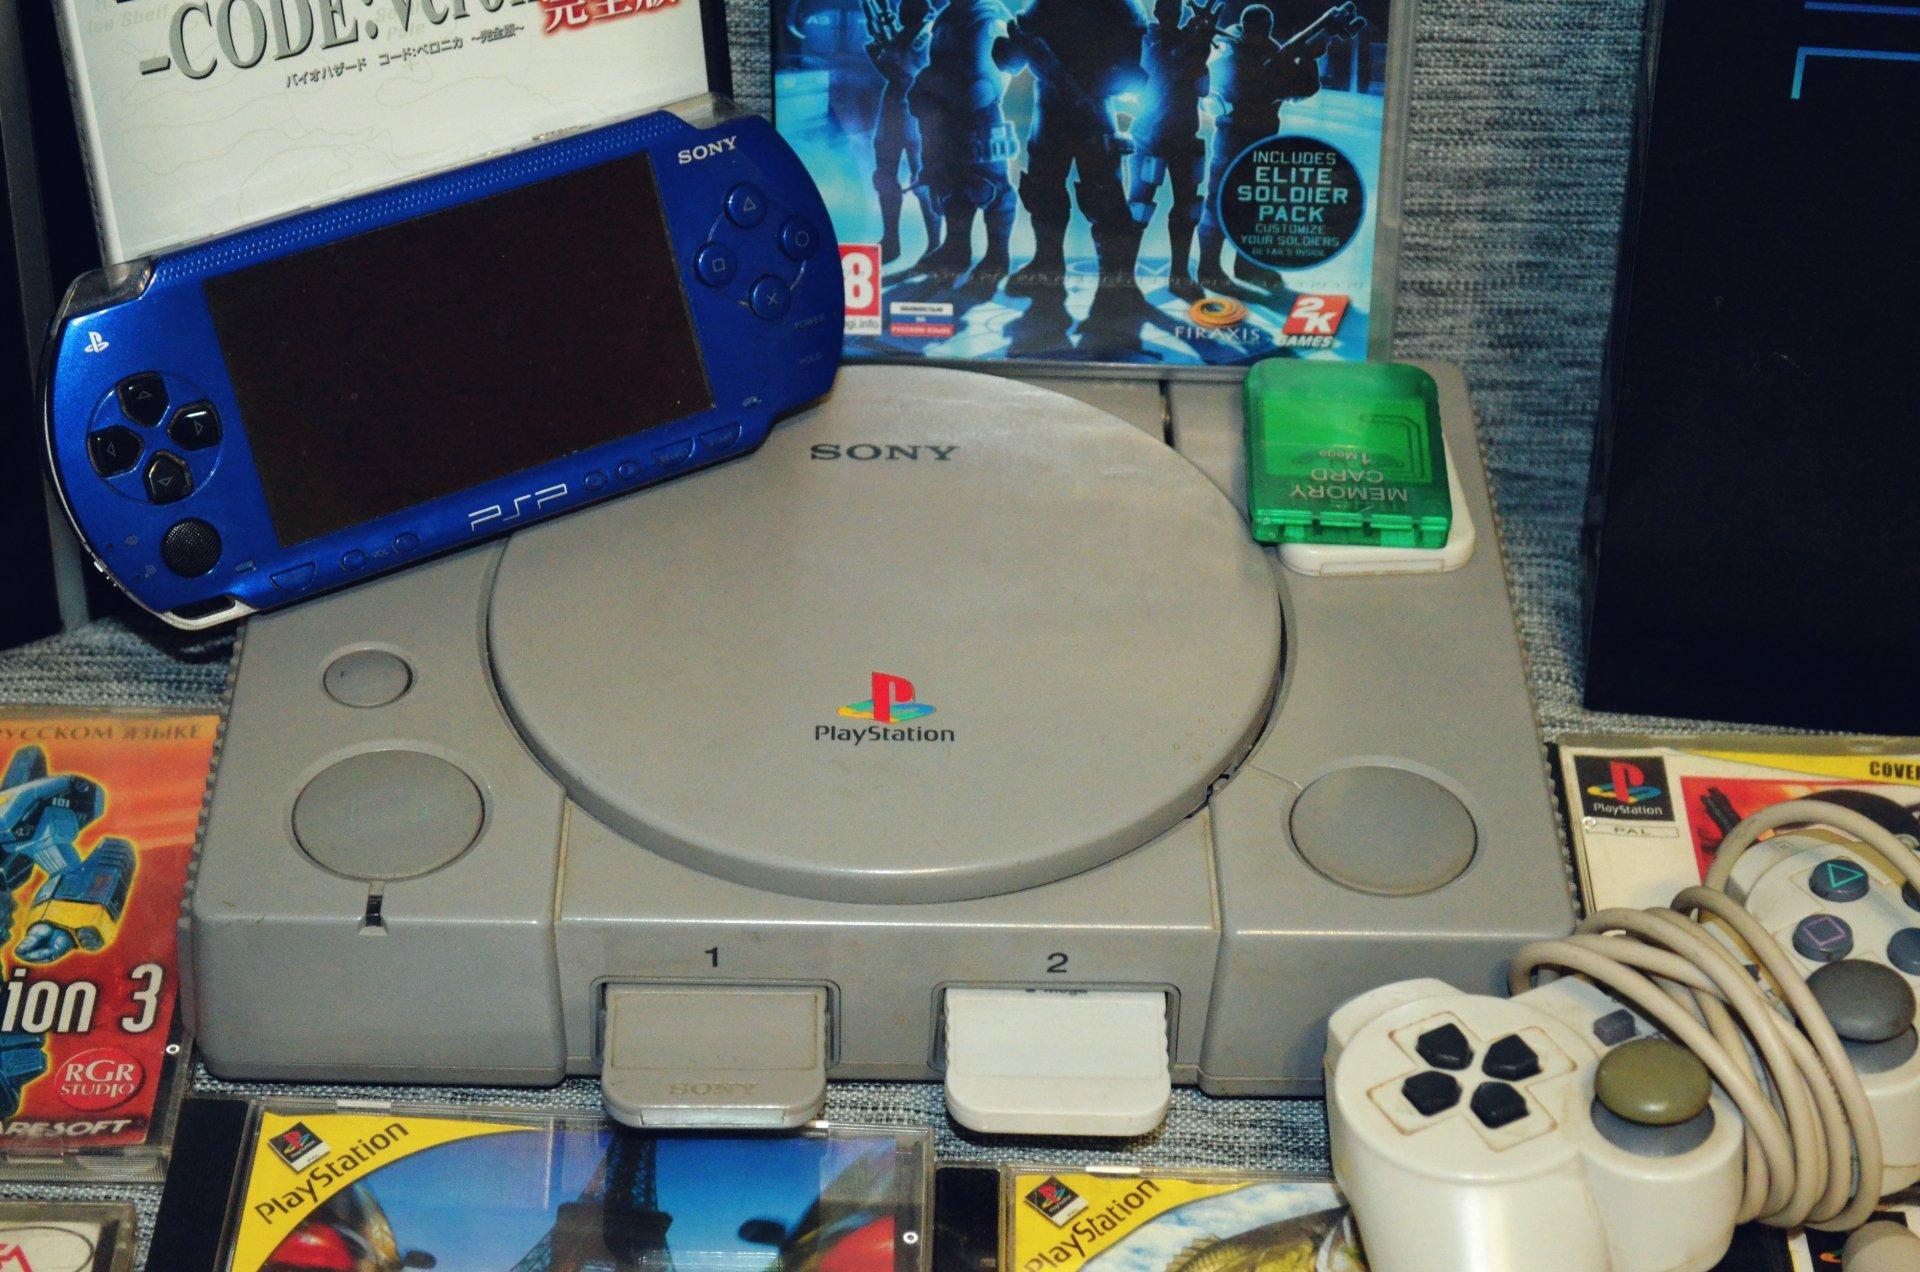 Моя история Playstation (конкурс на юбилейную PS4) - Изображение 2